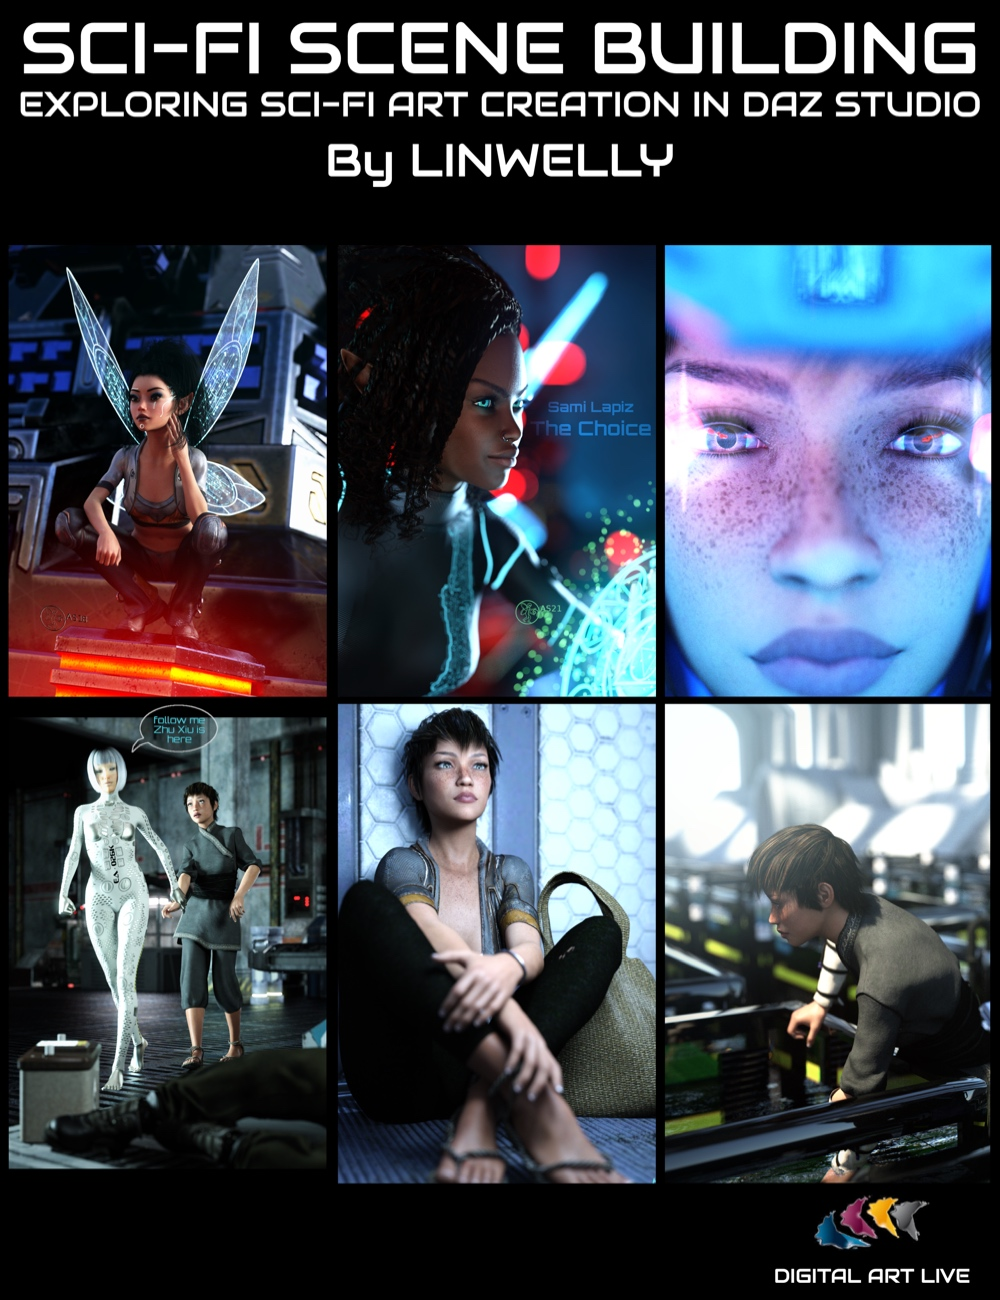 Sci-fi Scene Building: Exploring Sci-fi Art Creation in Daz Studio by: Digital Art Live, 3D Models by Daz 3D